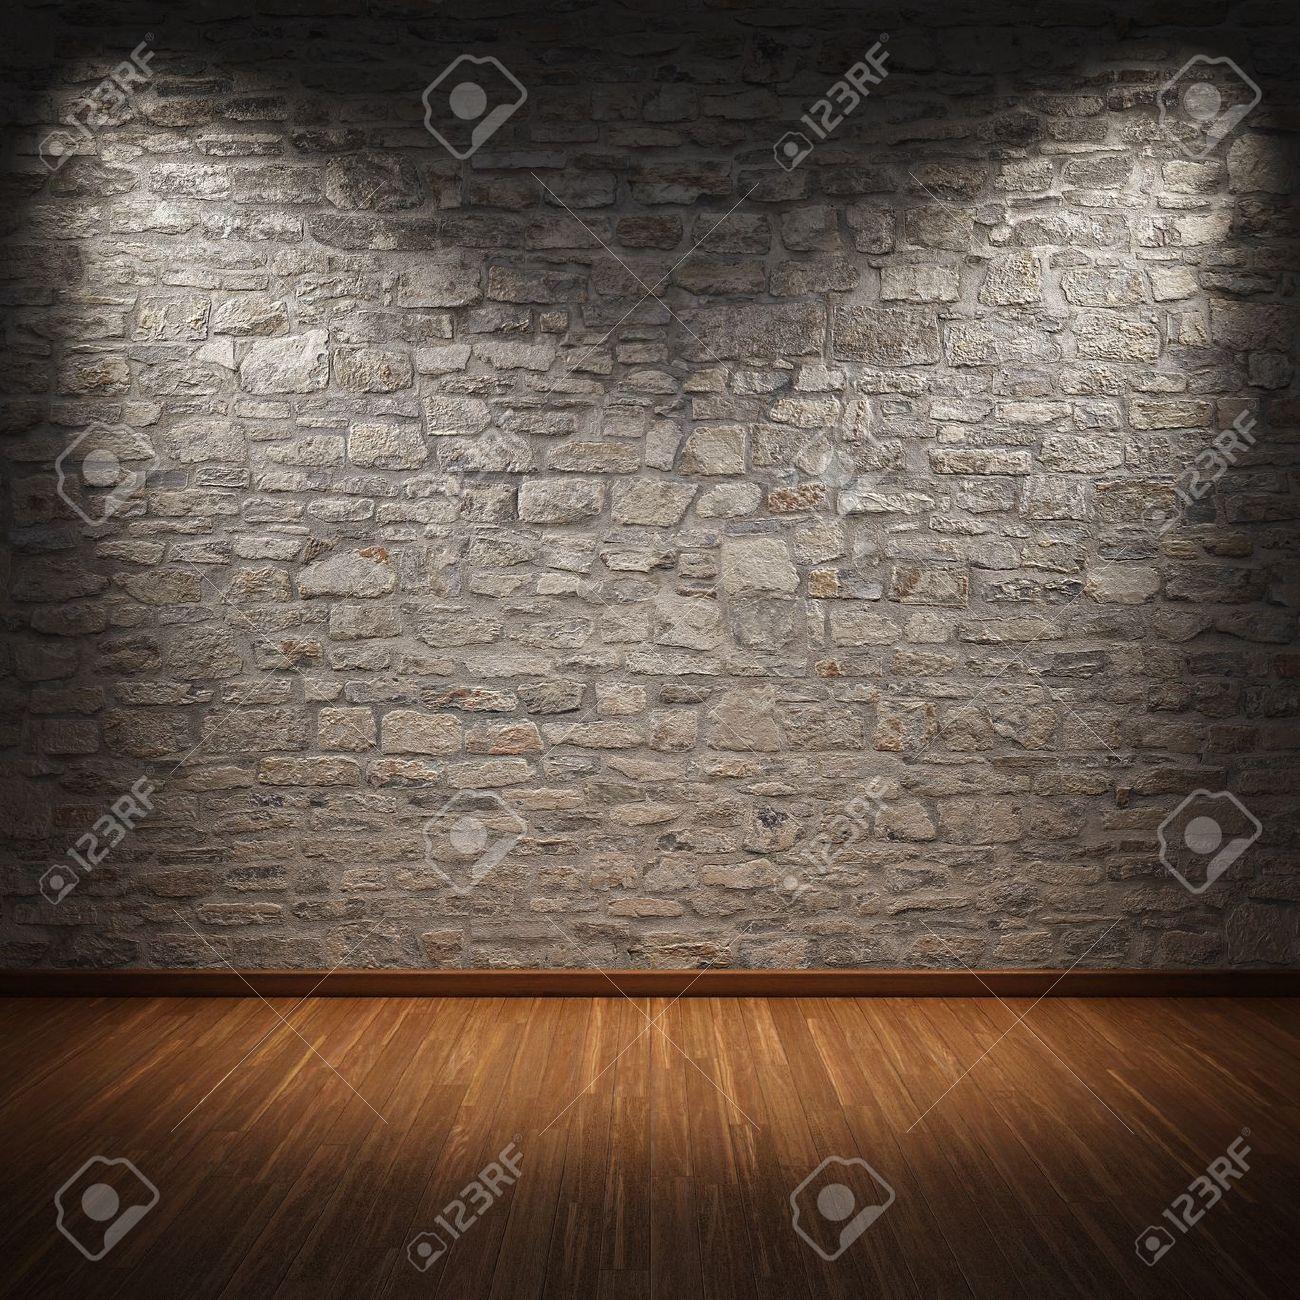 habitacin interior con muro de piedra y piso de madera foto de archivo